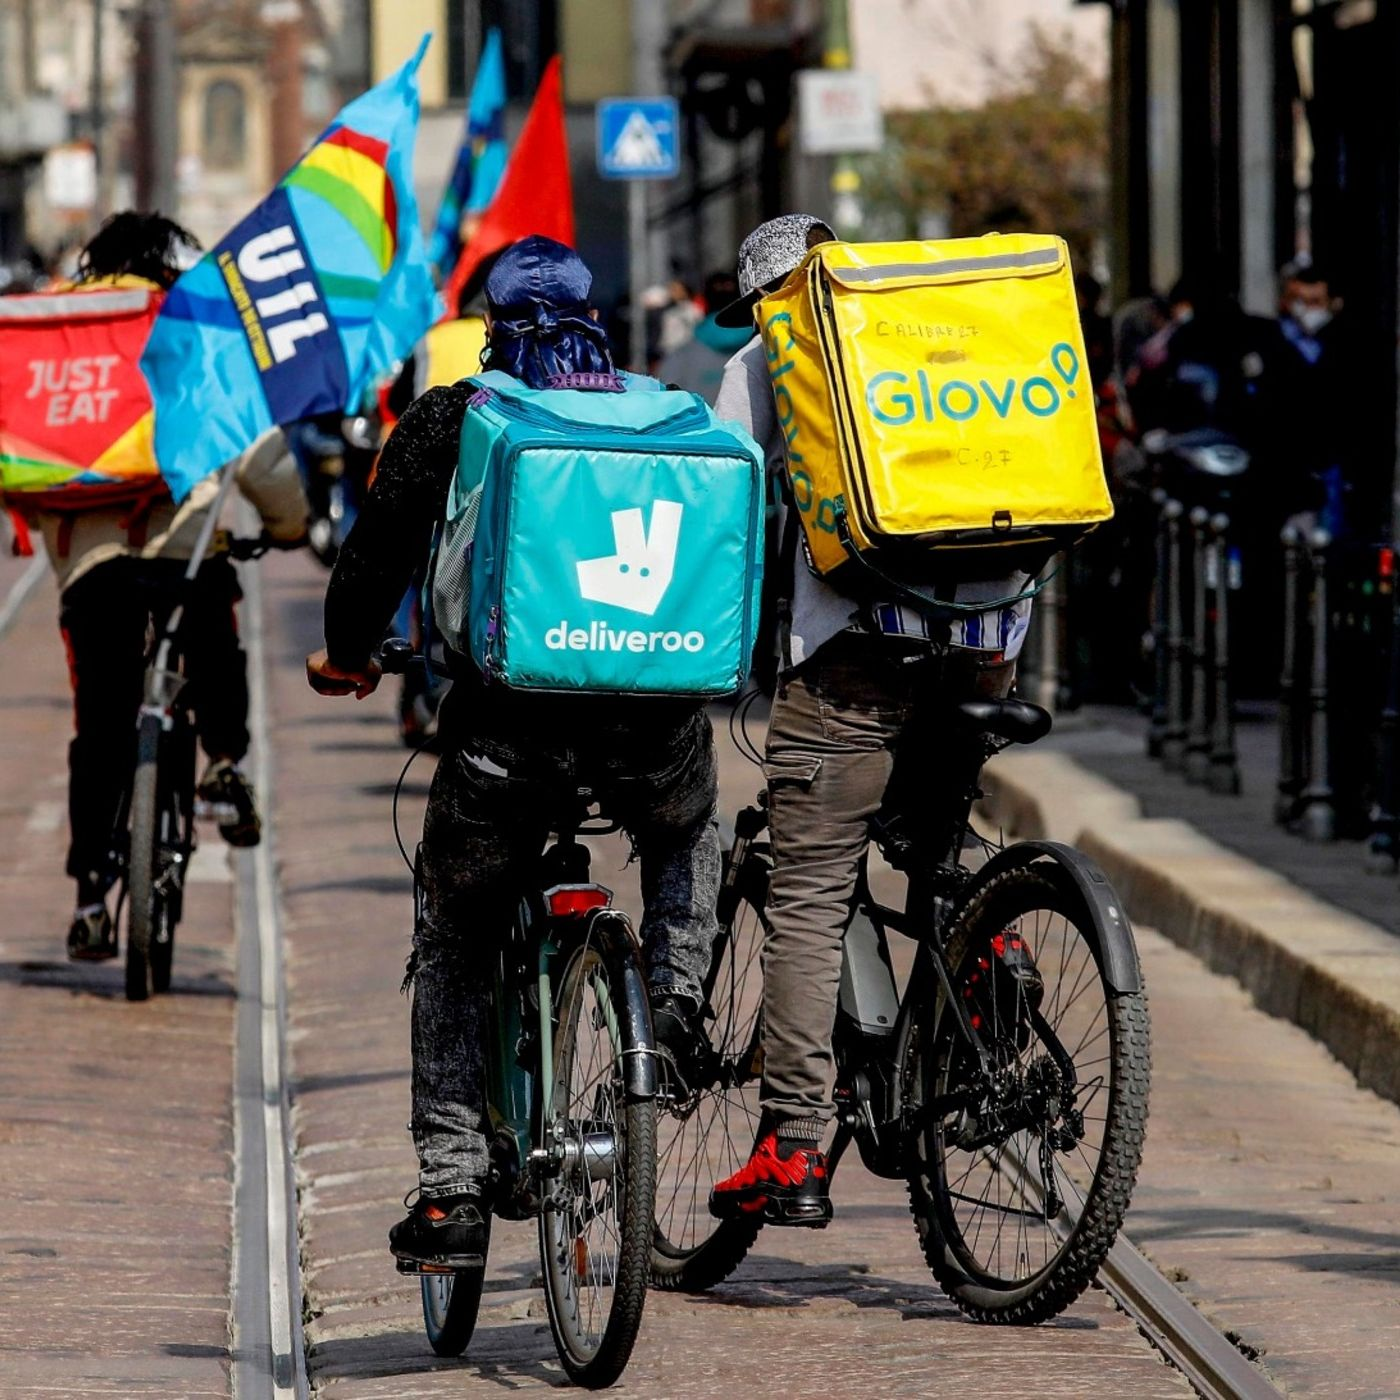 Dal milione di posti persi a riders e Jobs act: parliamo di lavoro